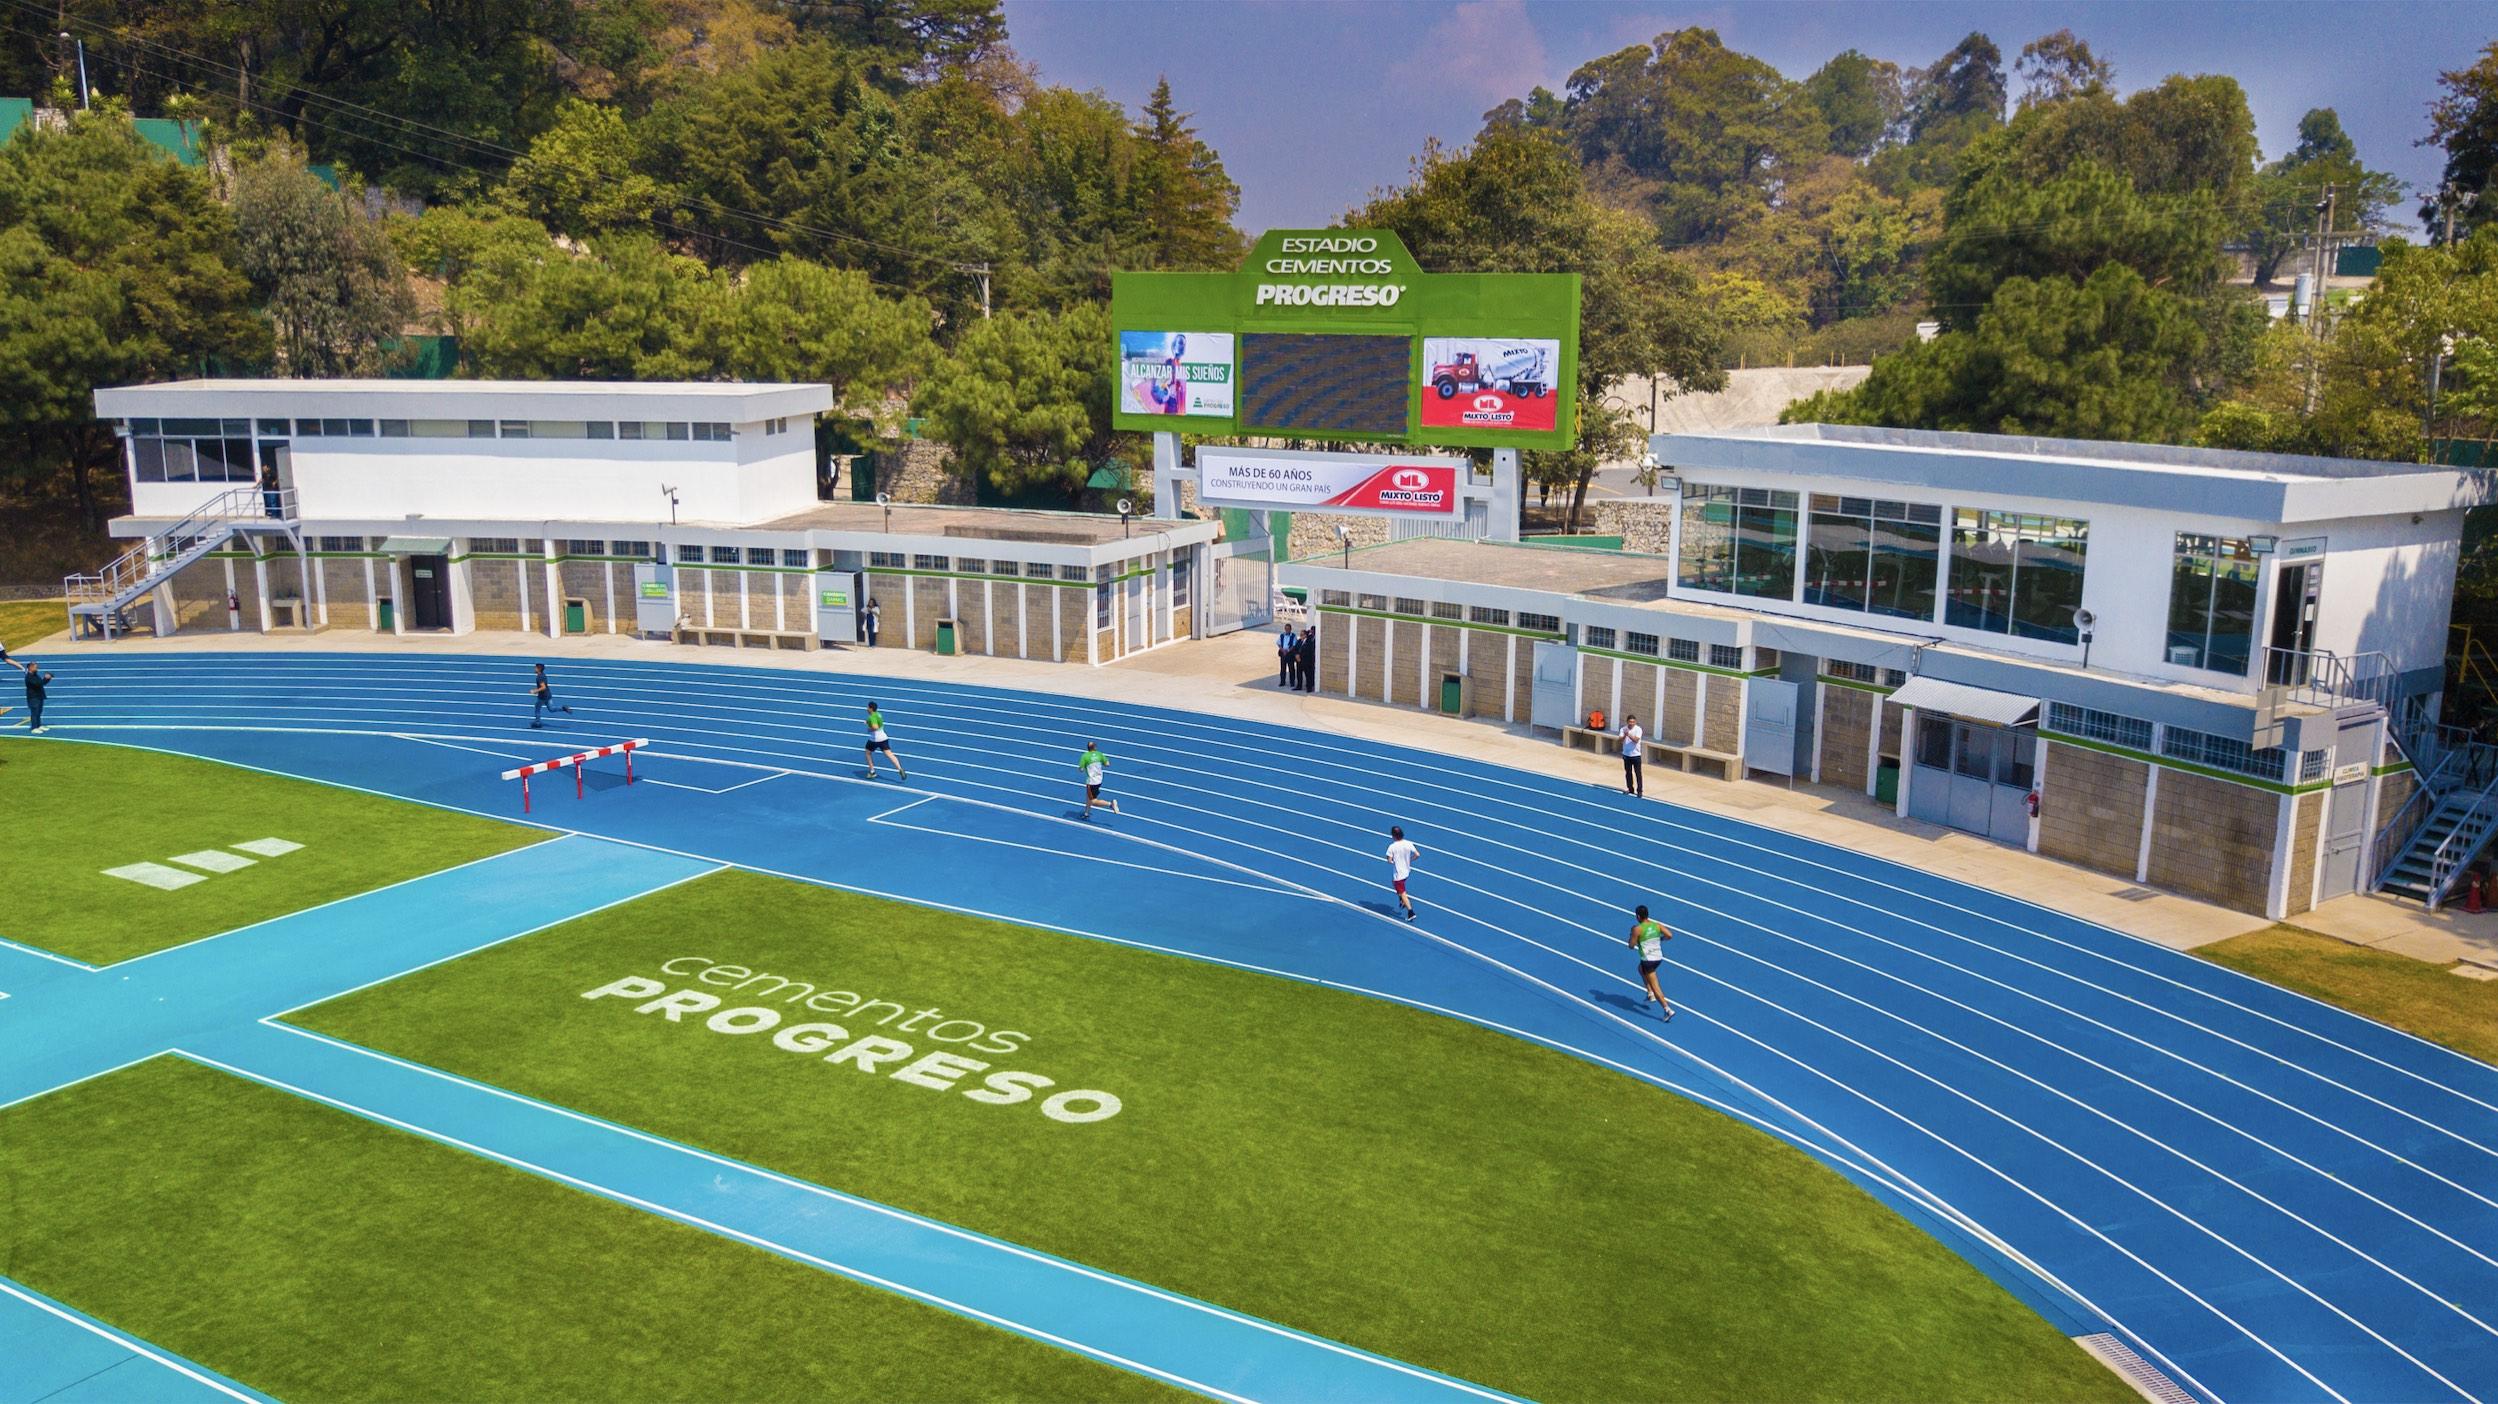 estadio cementos progreso guatemala centro america zona 6 ciudad capital